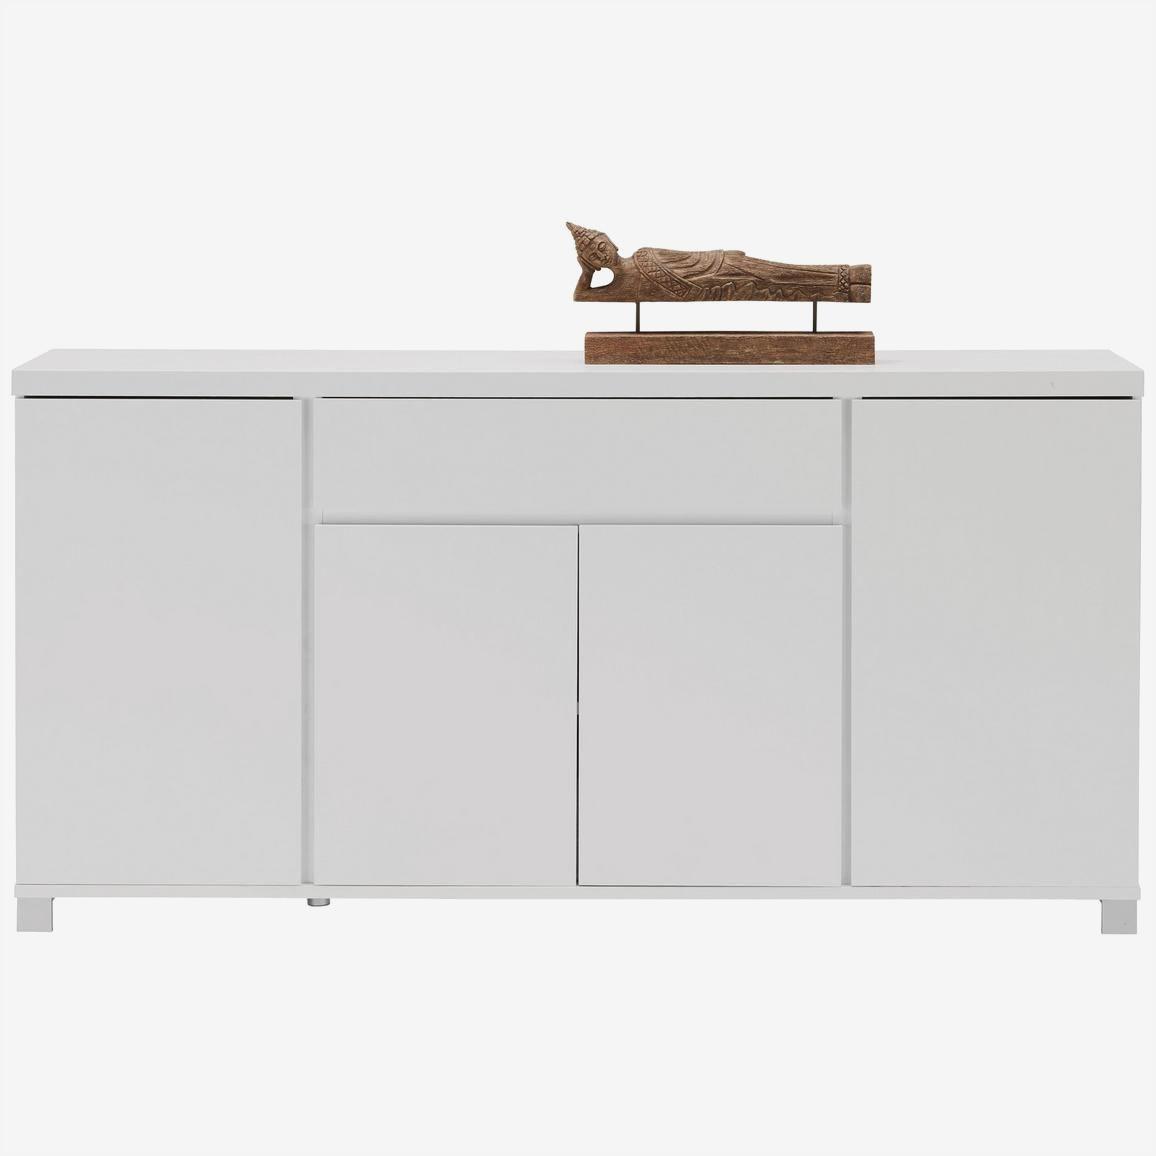 Full Size of Sideboard Ikea Esszimmer Traumhaus Dekoration Wohnzimmer Küche Betten 160x200 Kaufen Bei Miniküche Kosten Sofa Mit Schlaffunktion Arbeitsplatte Modulküche Wohnzimmer Sideboard Ikea